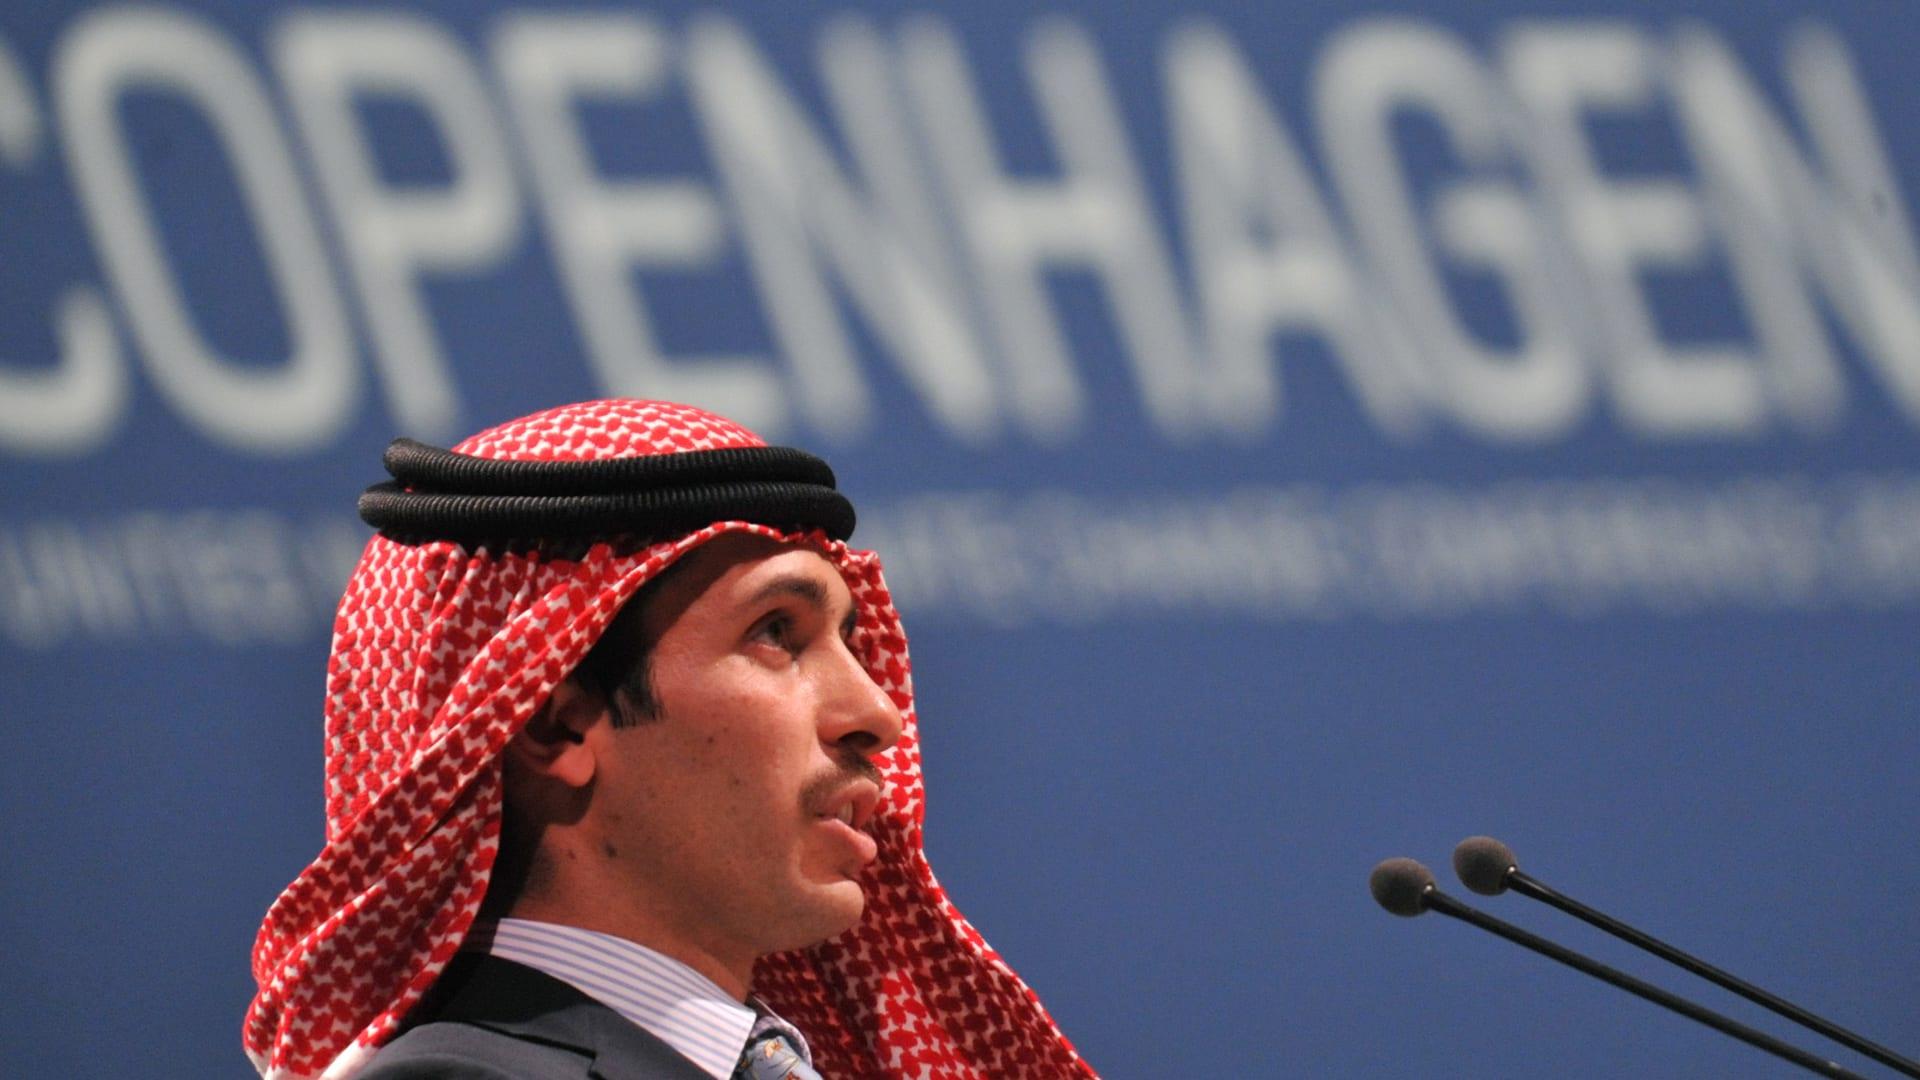 النائب العام في عمّان يكشف عن استثناءين في حظر النشر حول قضية الأمير حمزة بن الحسين